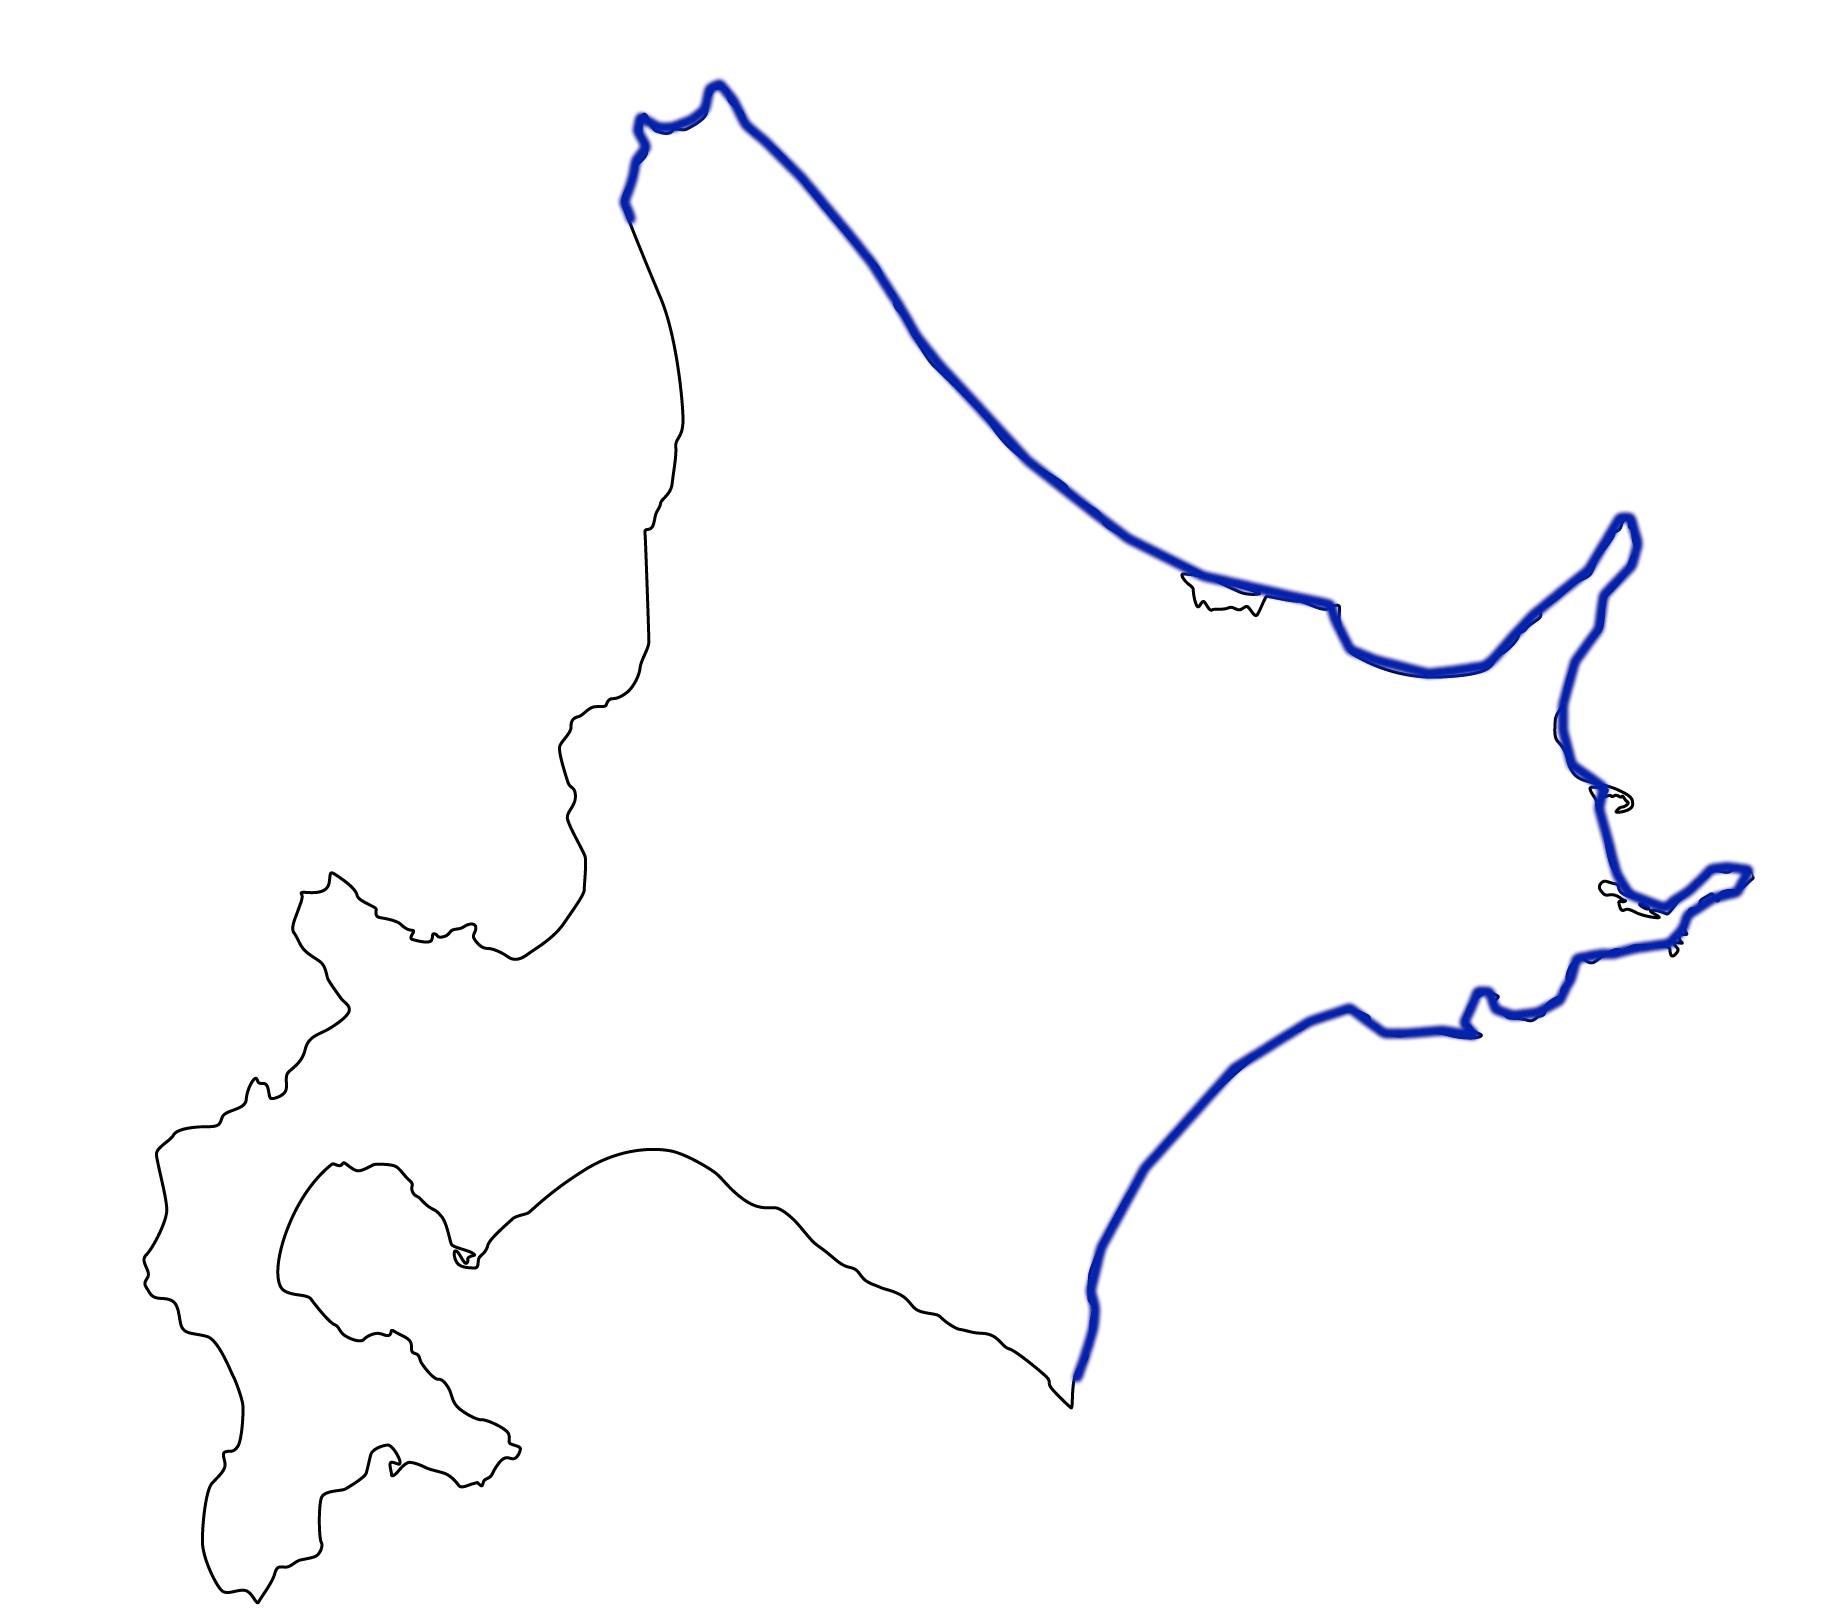 北海道でカラフトマスが釣れる範囲